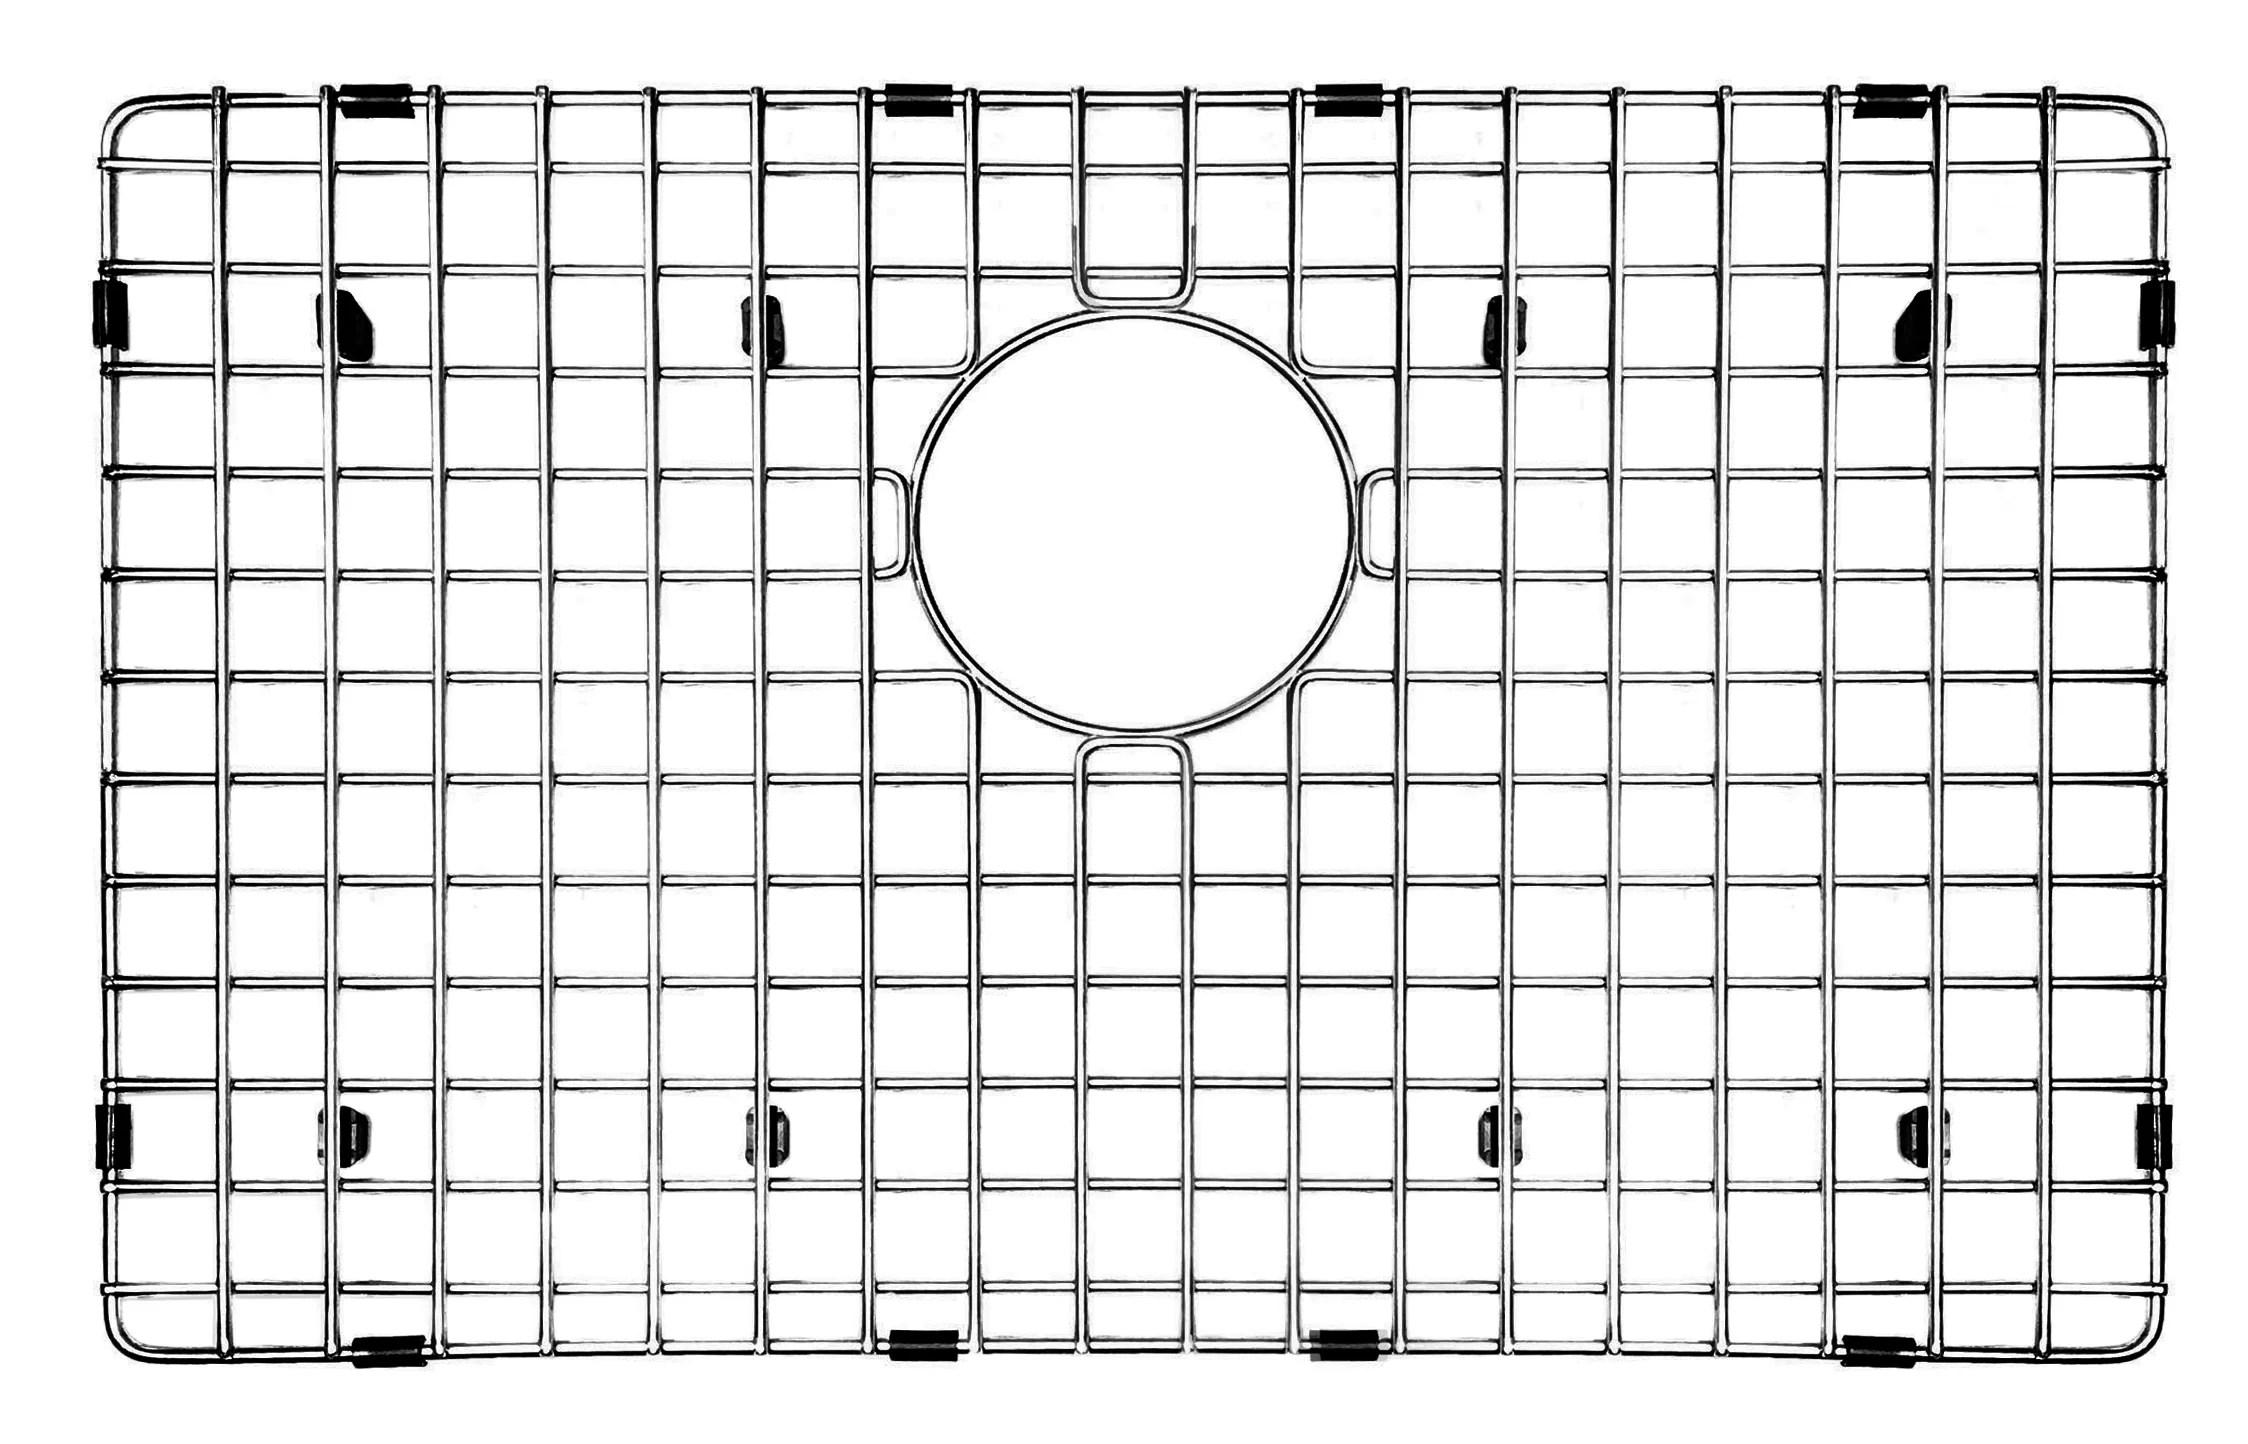 23 x 15 sink grid